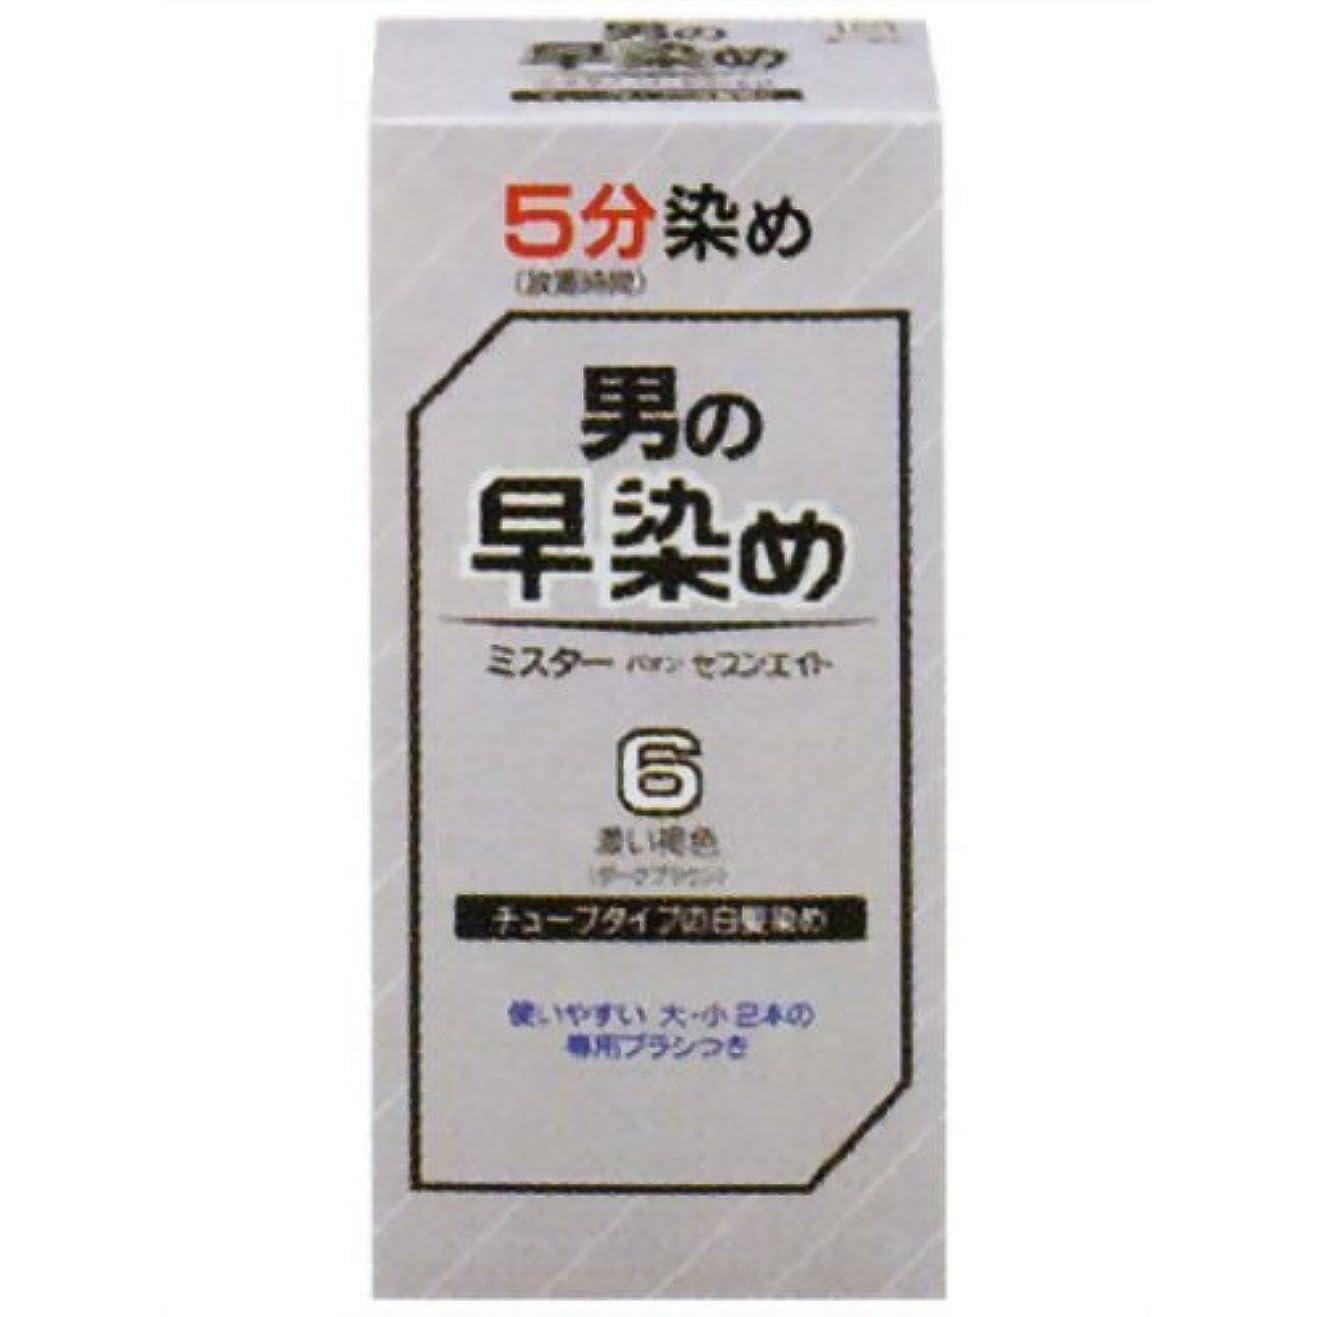 【シュワルツコフ ヘンケル】ミスターパオン セブンエイト6?濃い褐色 ×3個セット